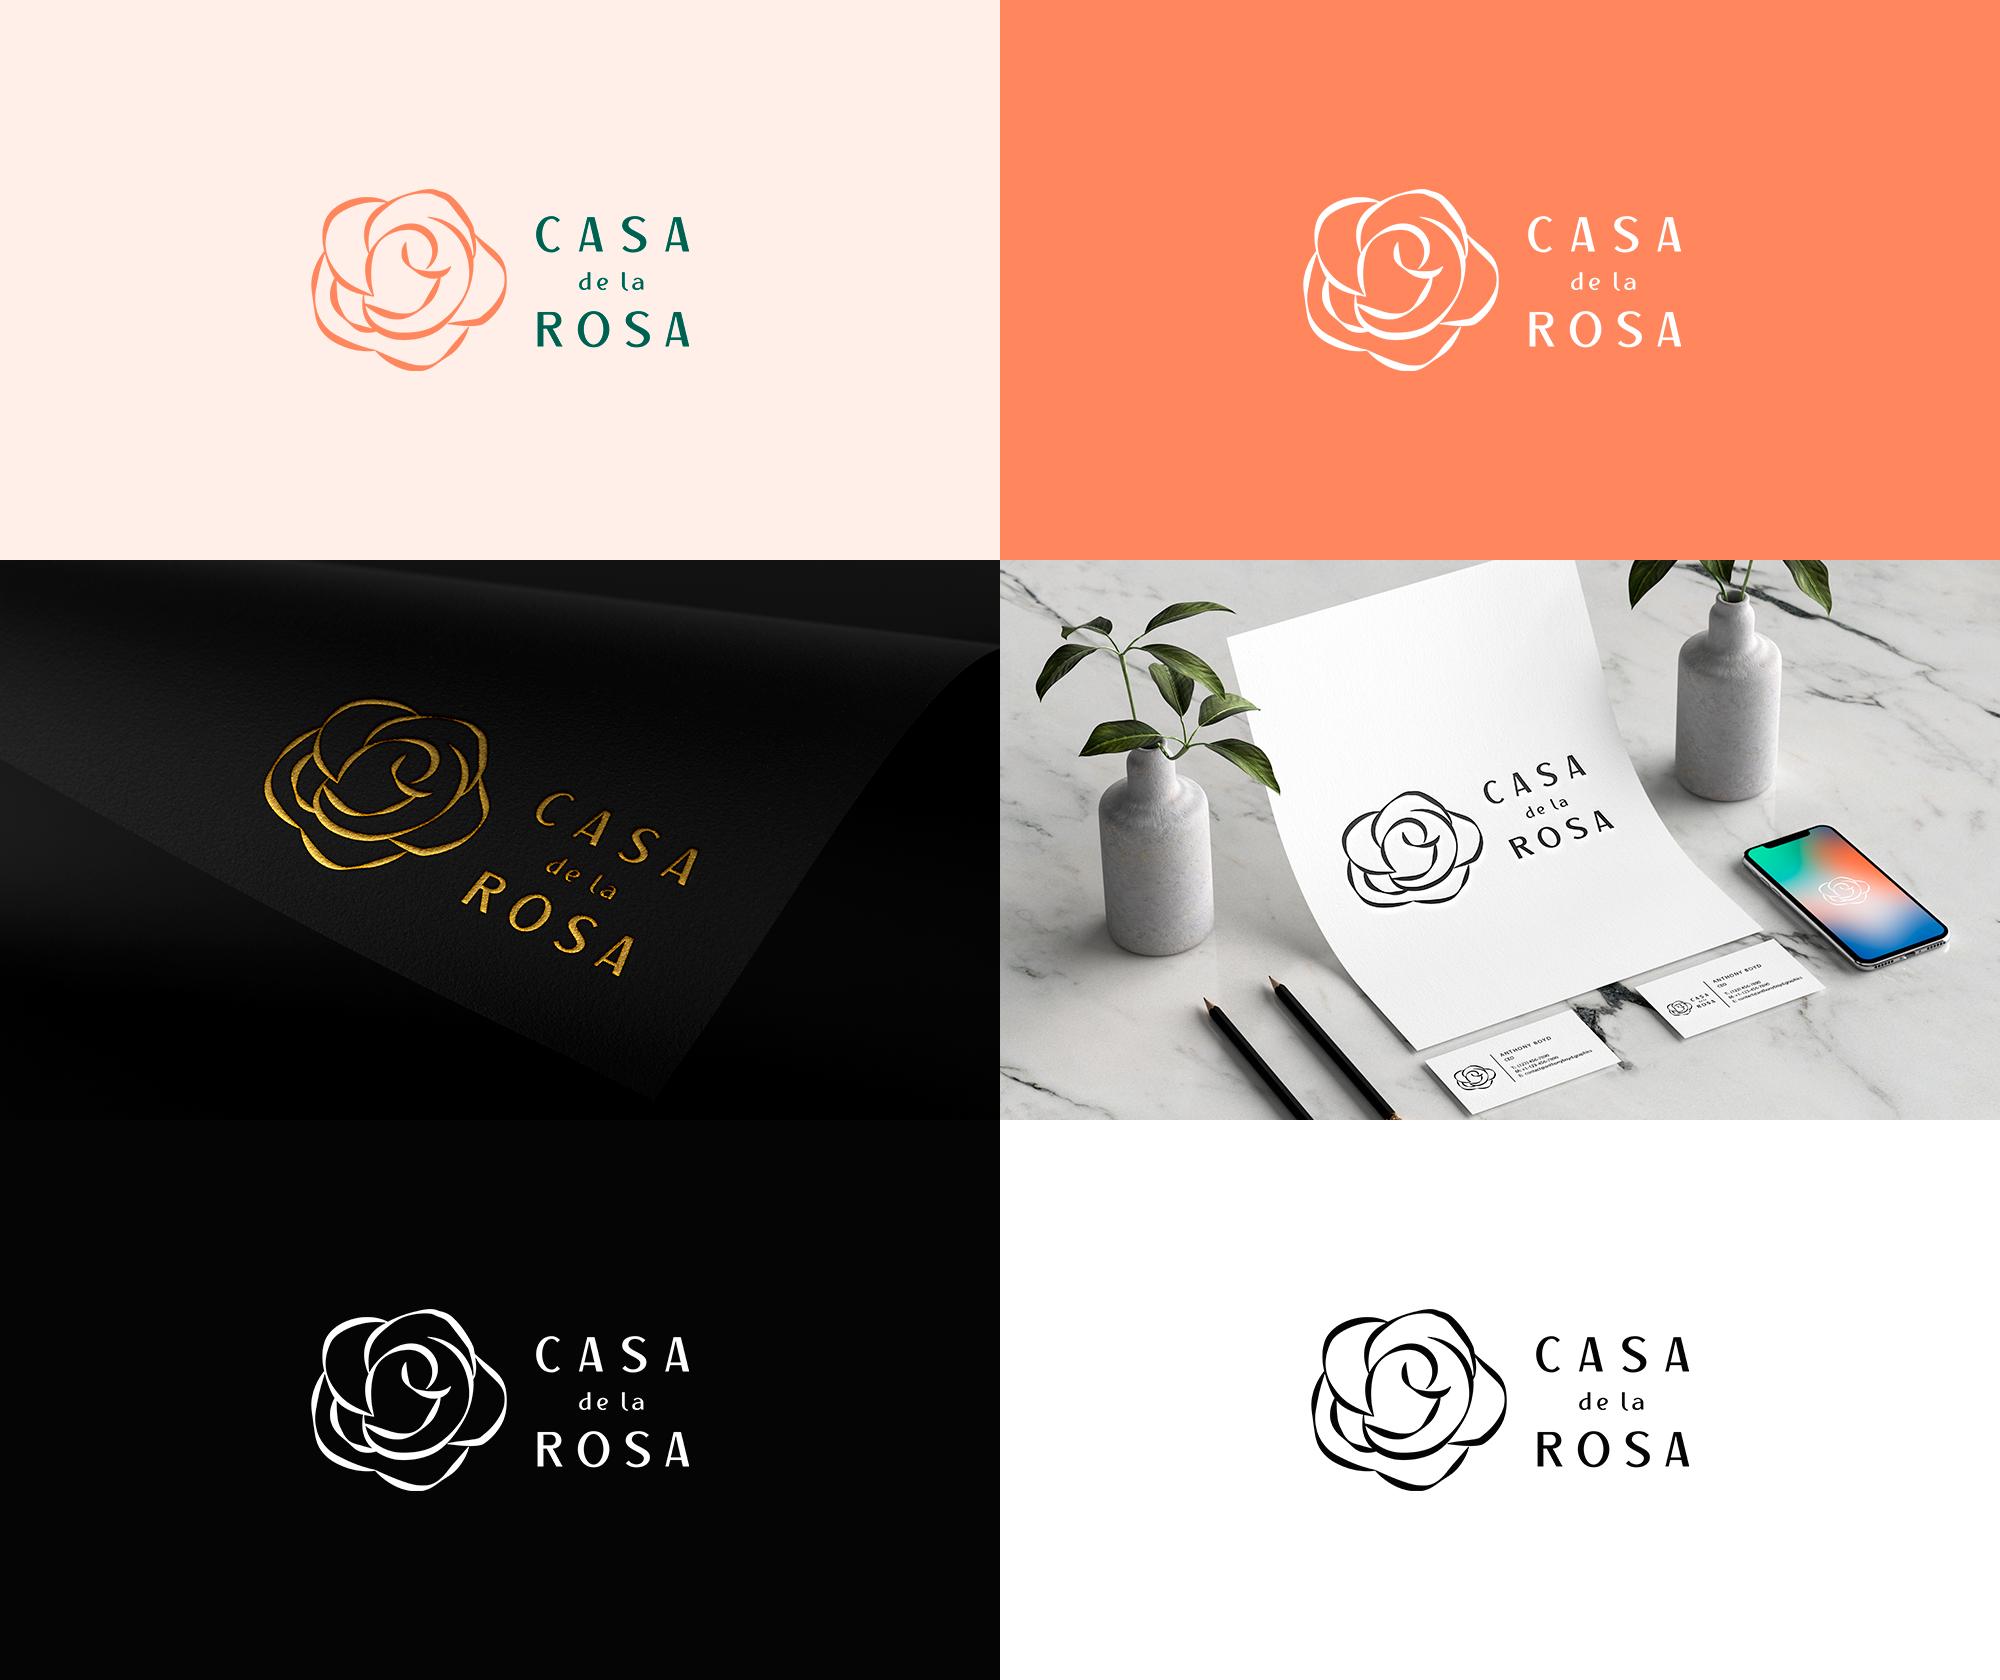 Логотип + Фирменный знак для элитного поселка Casa De La Rosa фото f_0835cd69eadb8c70.jpg